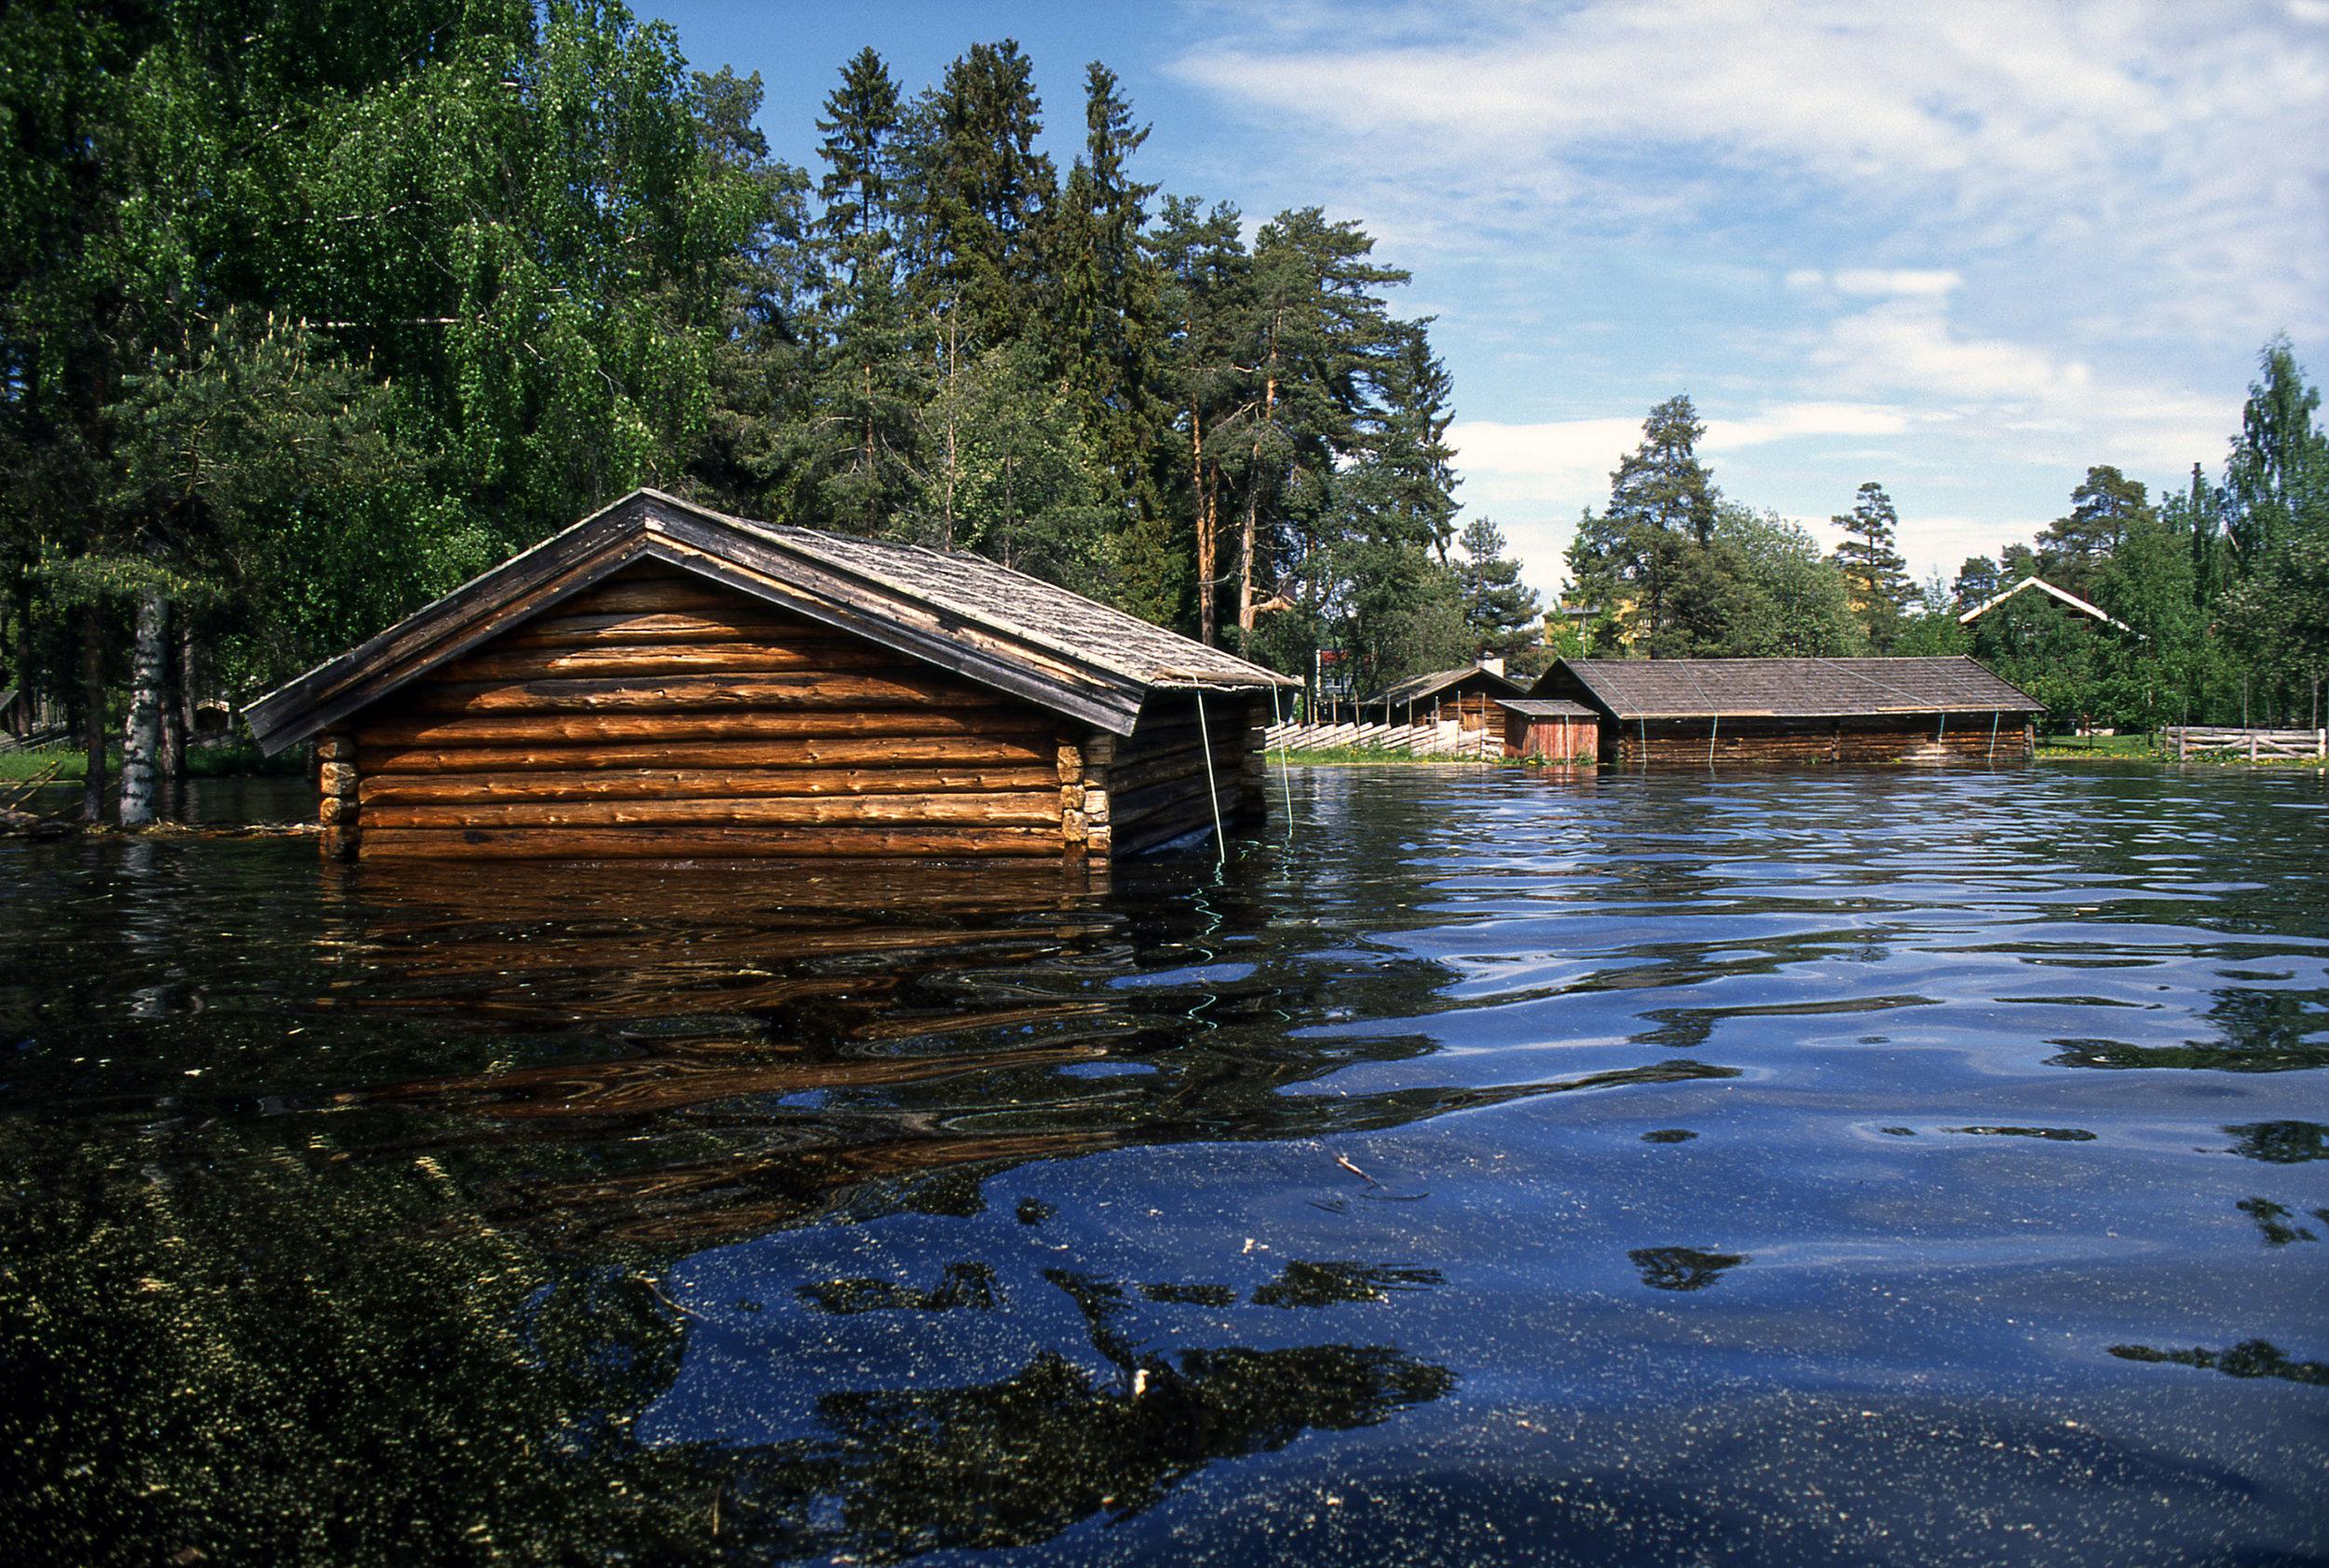 Foto: Jan Haug/ Hedmarksmuseet